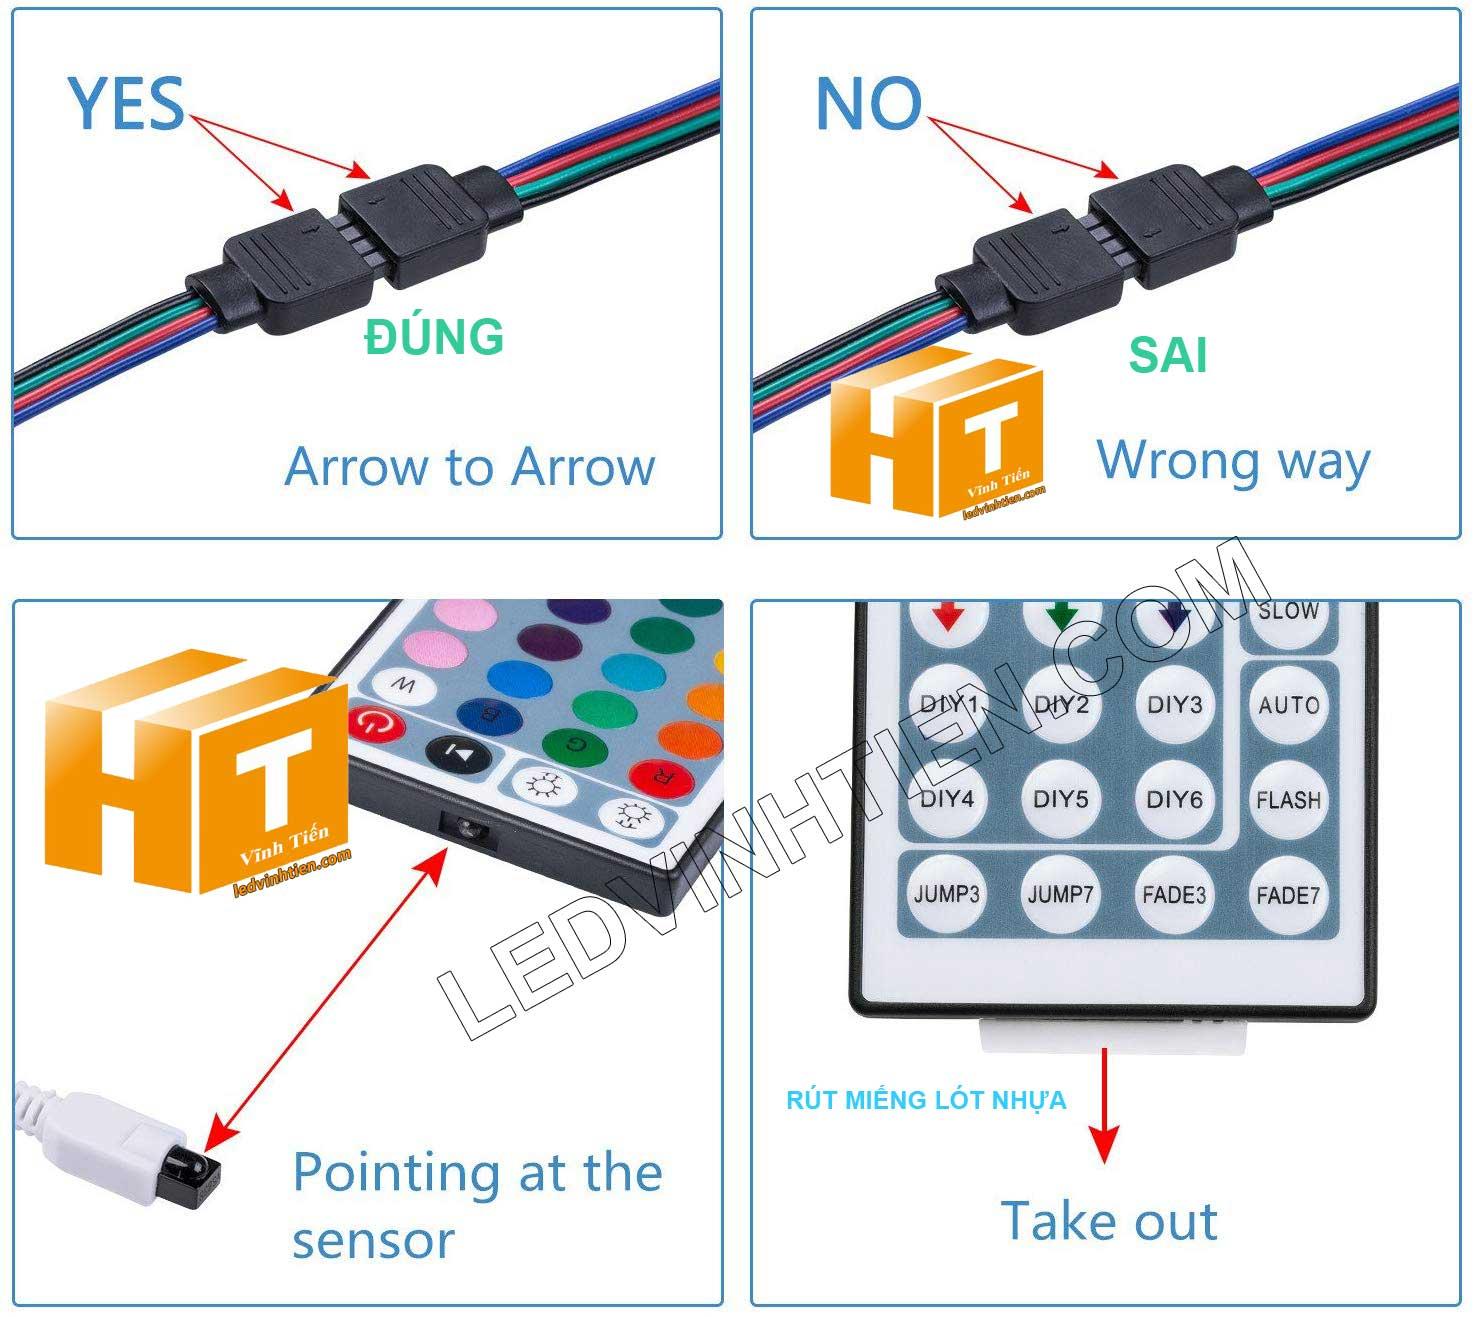 Cach nối các ghim đèn led dây và bộ điều khiển đúng cách